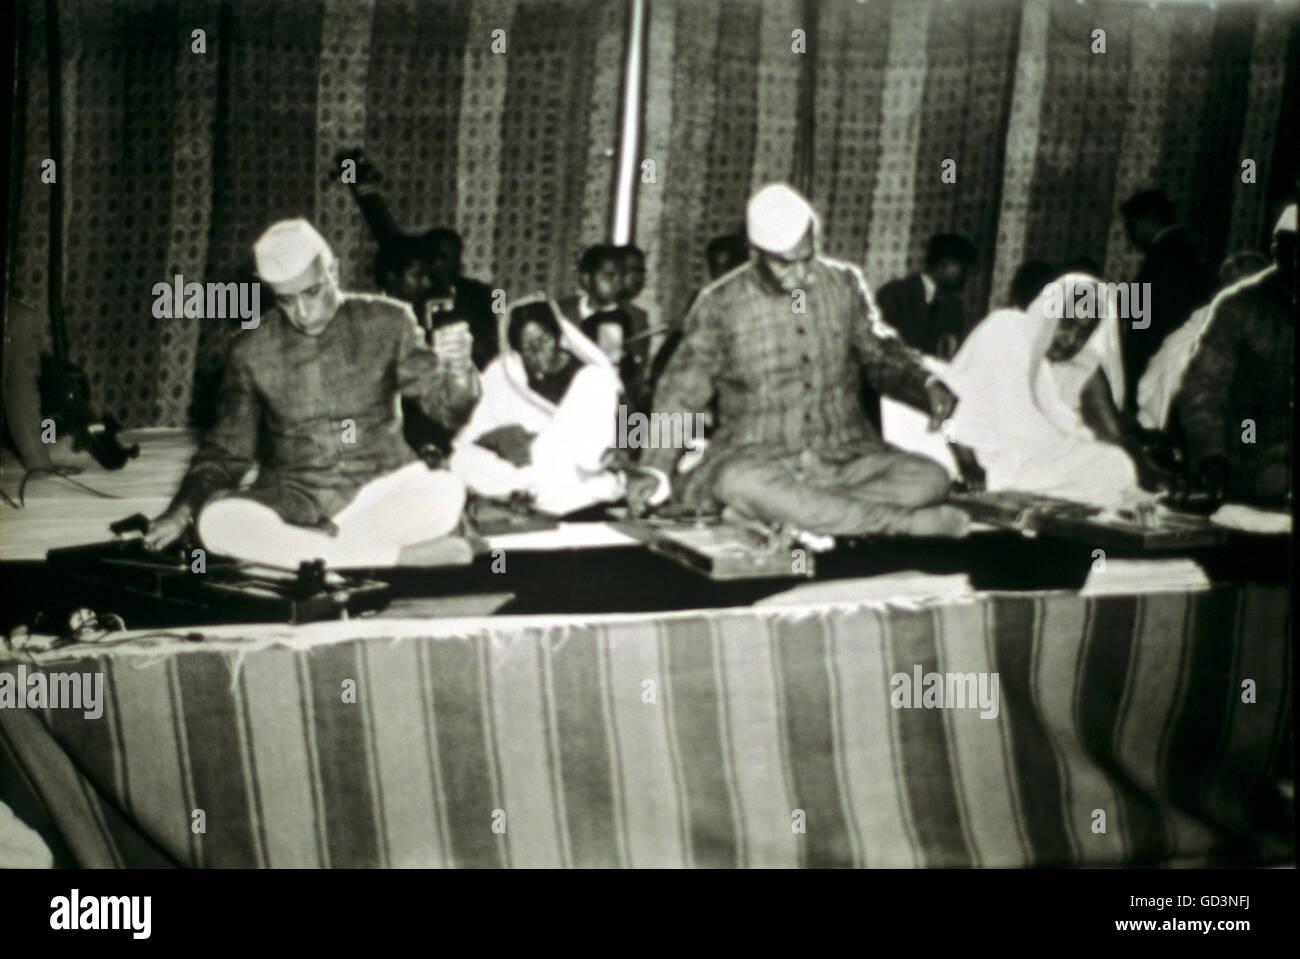 Pandit Jawaharlal Nehru - Stock Image